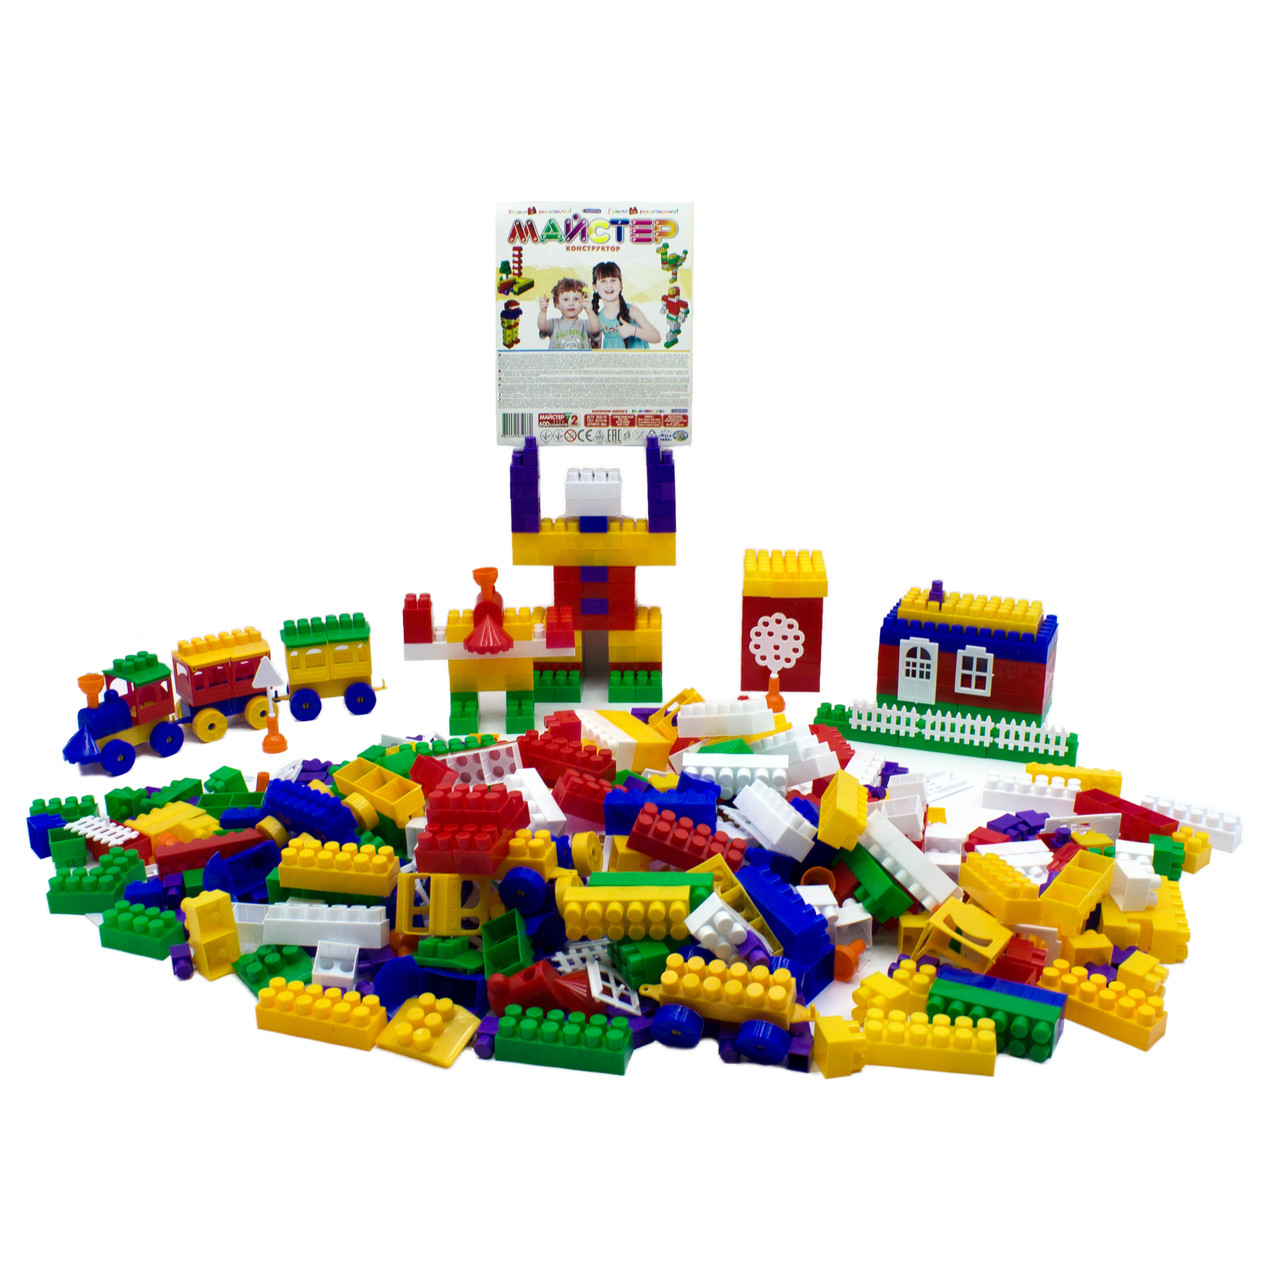 Конструктор дитячий Maximus «Майстер 2», 600 елементів арт. 5066